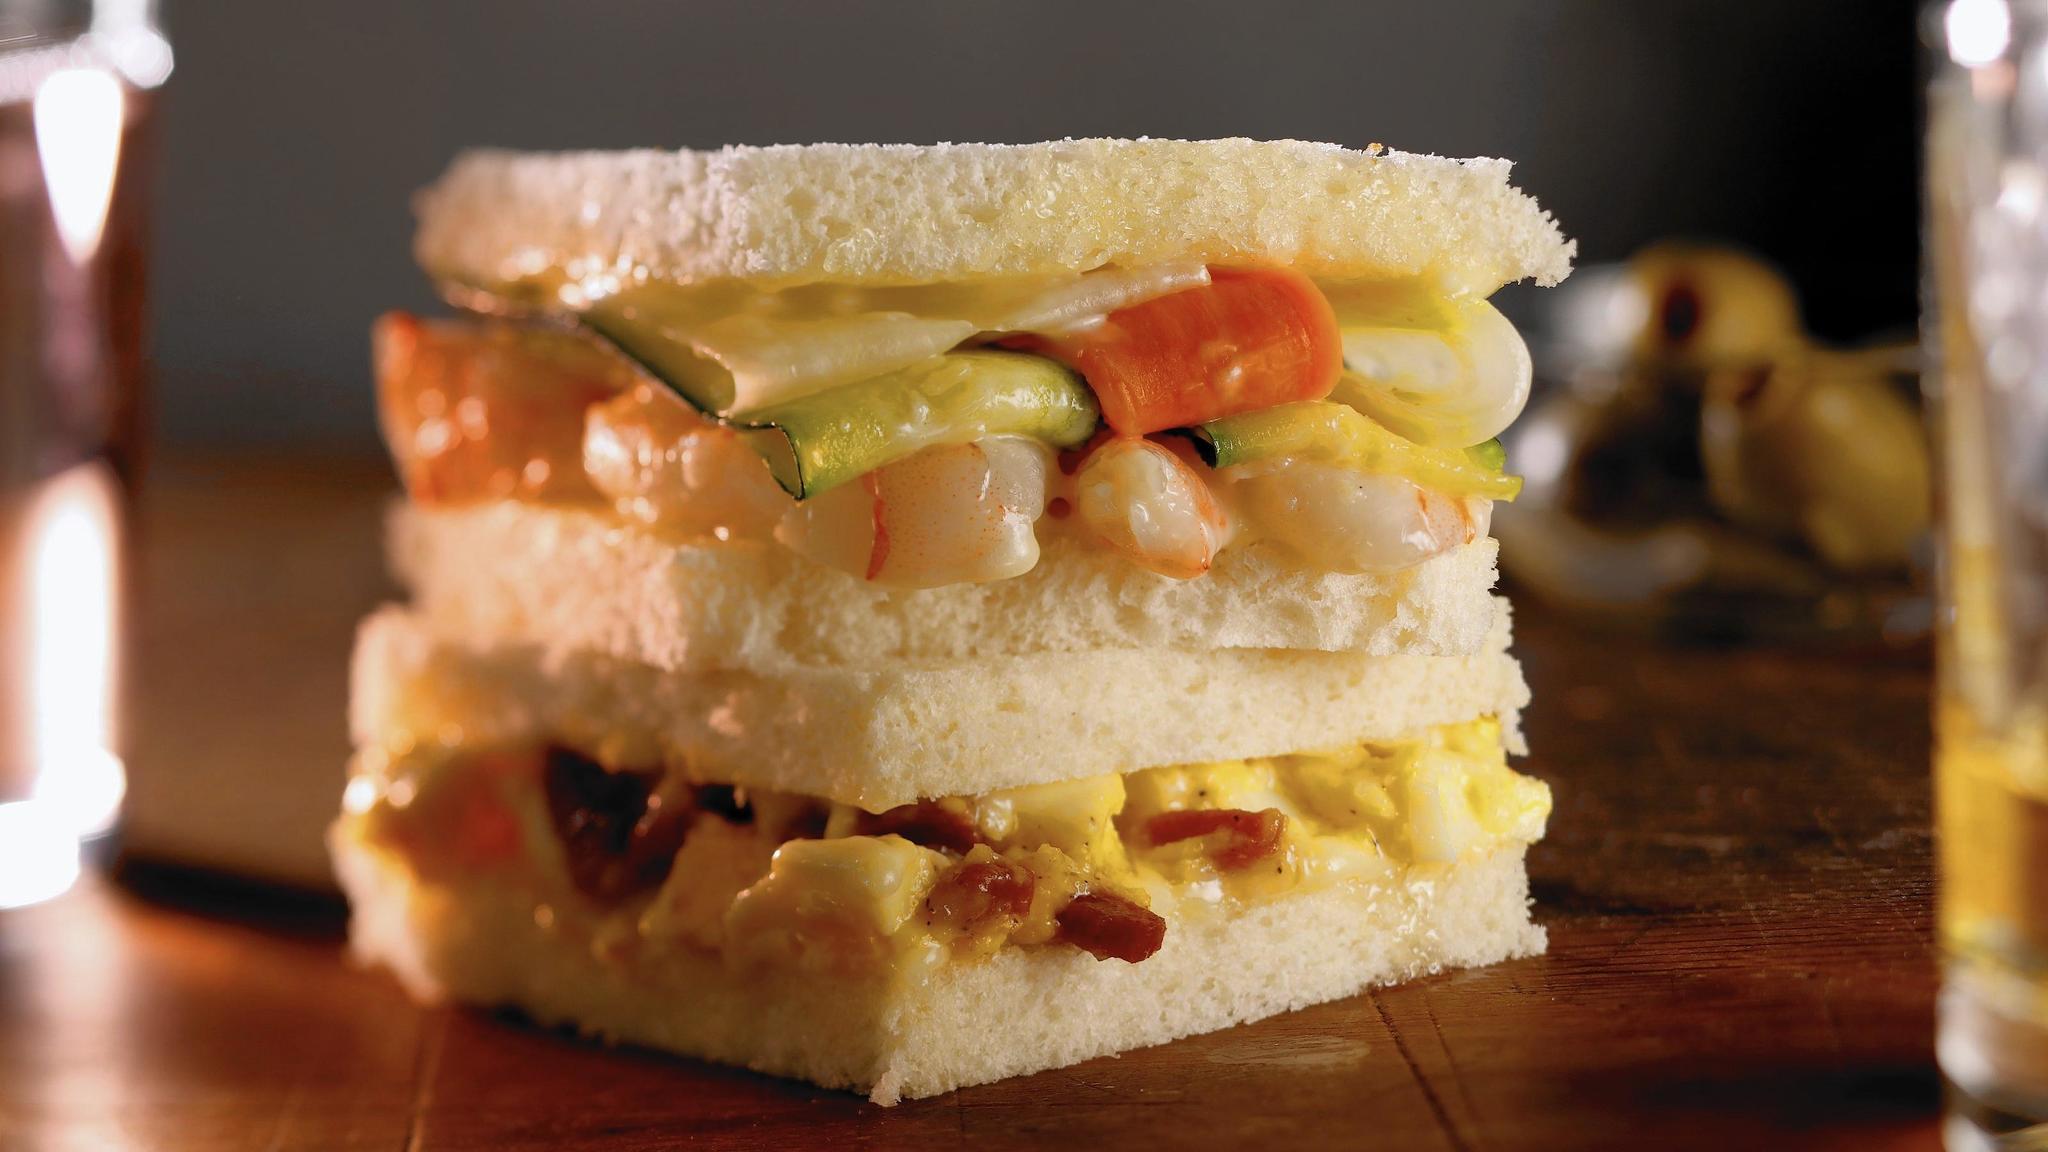 http://www.trbimg.com/img-5925d1be/turbine/sc-italian-sandwiches-tramezzini-food-0526-20170524